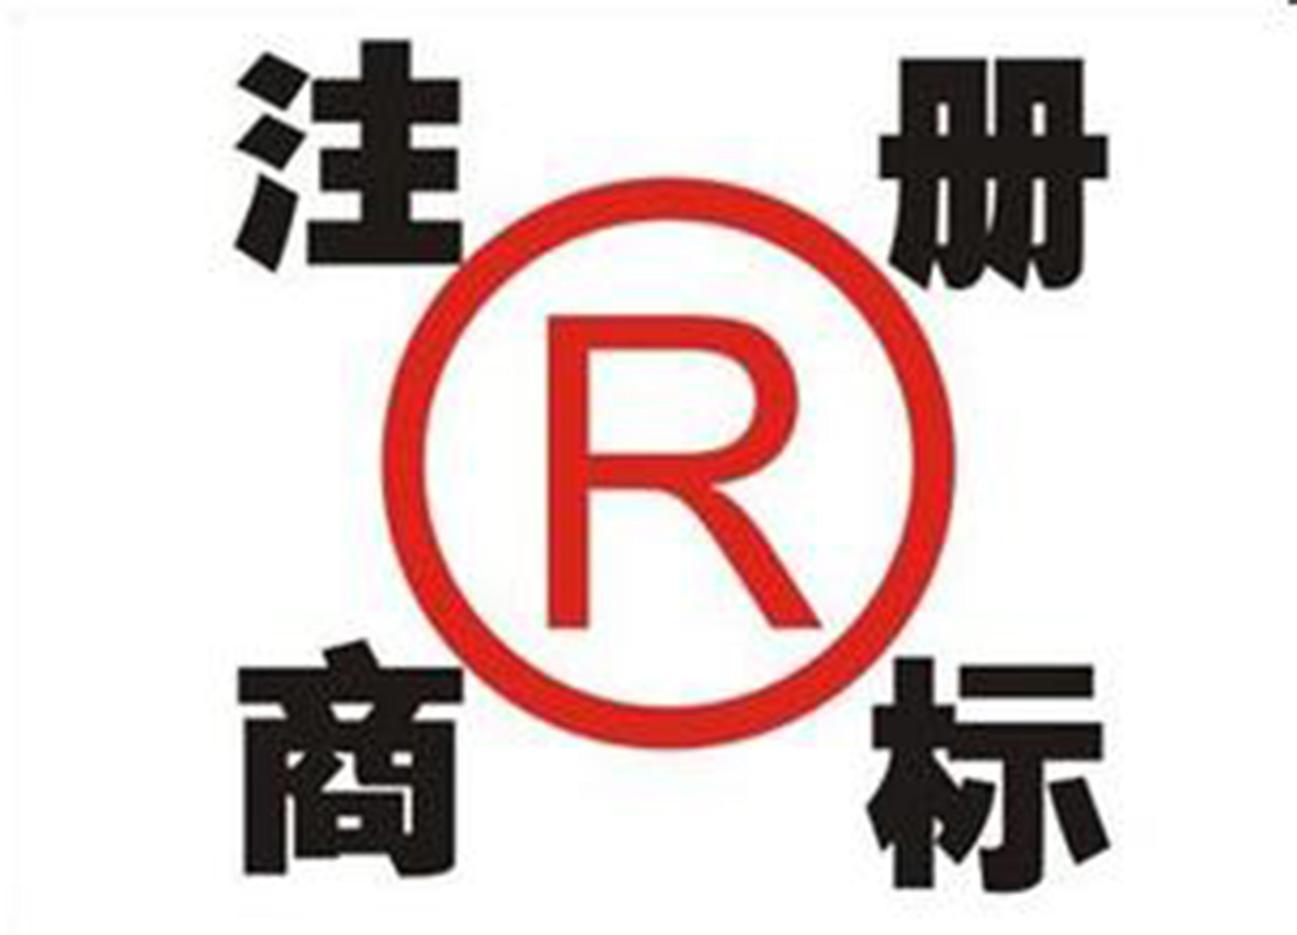 企业为什么要进行版权登记?专业的盘锦版权及盘锦注册商标等项目